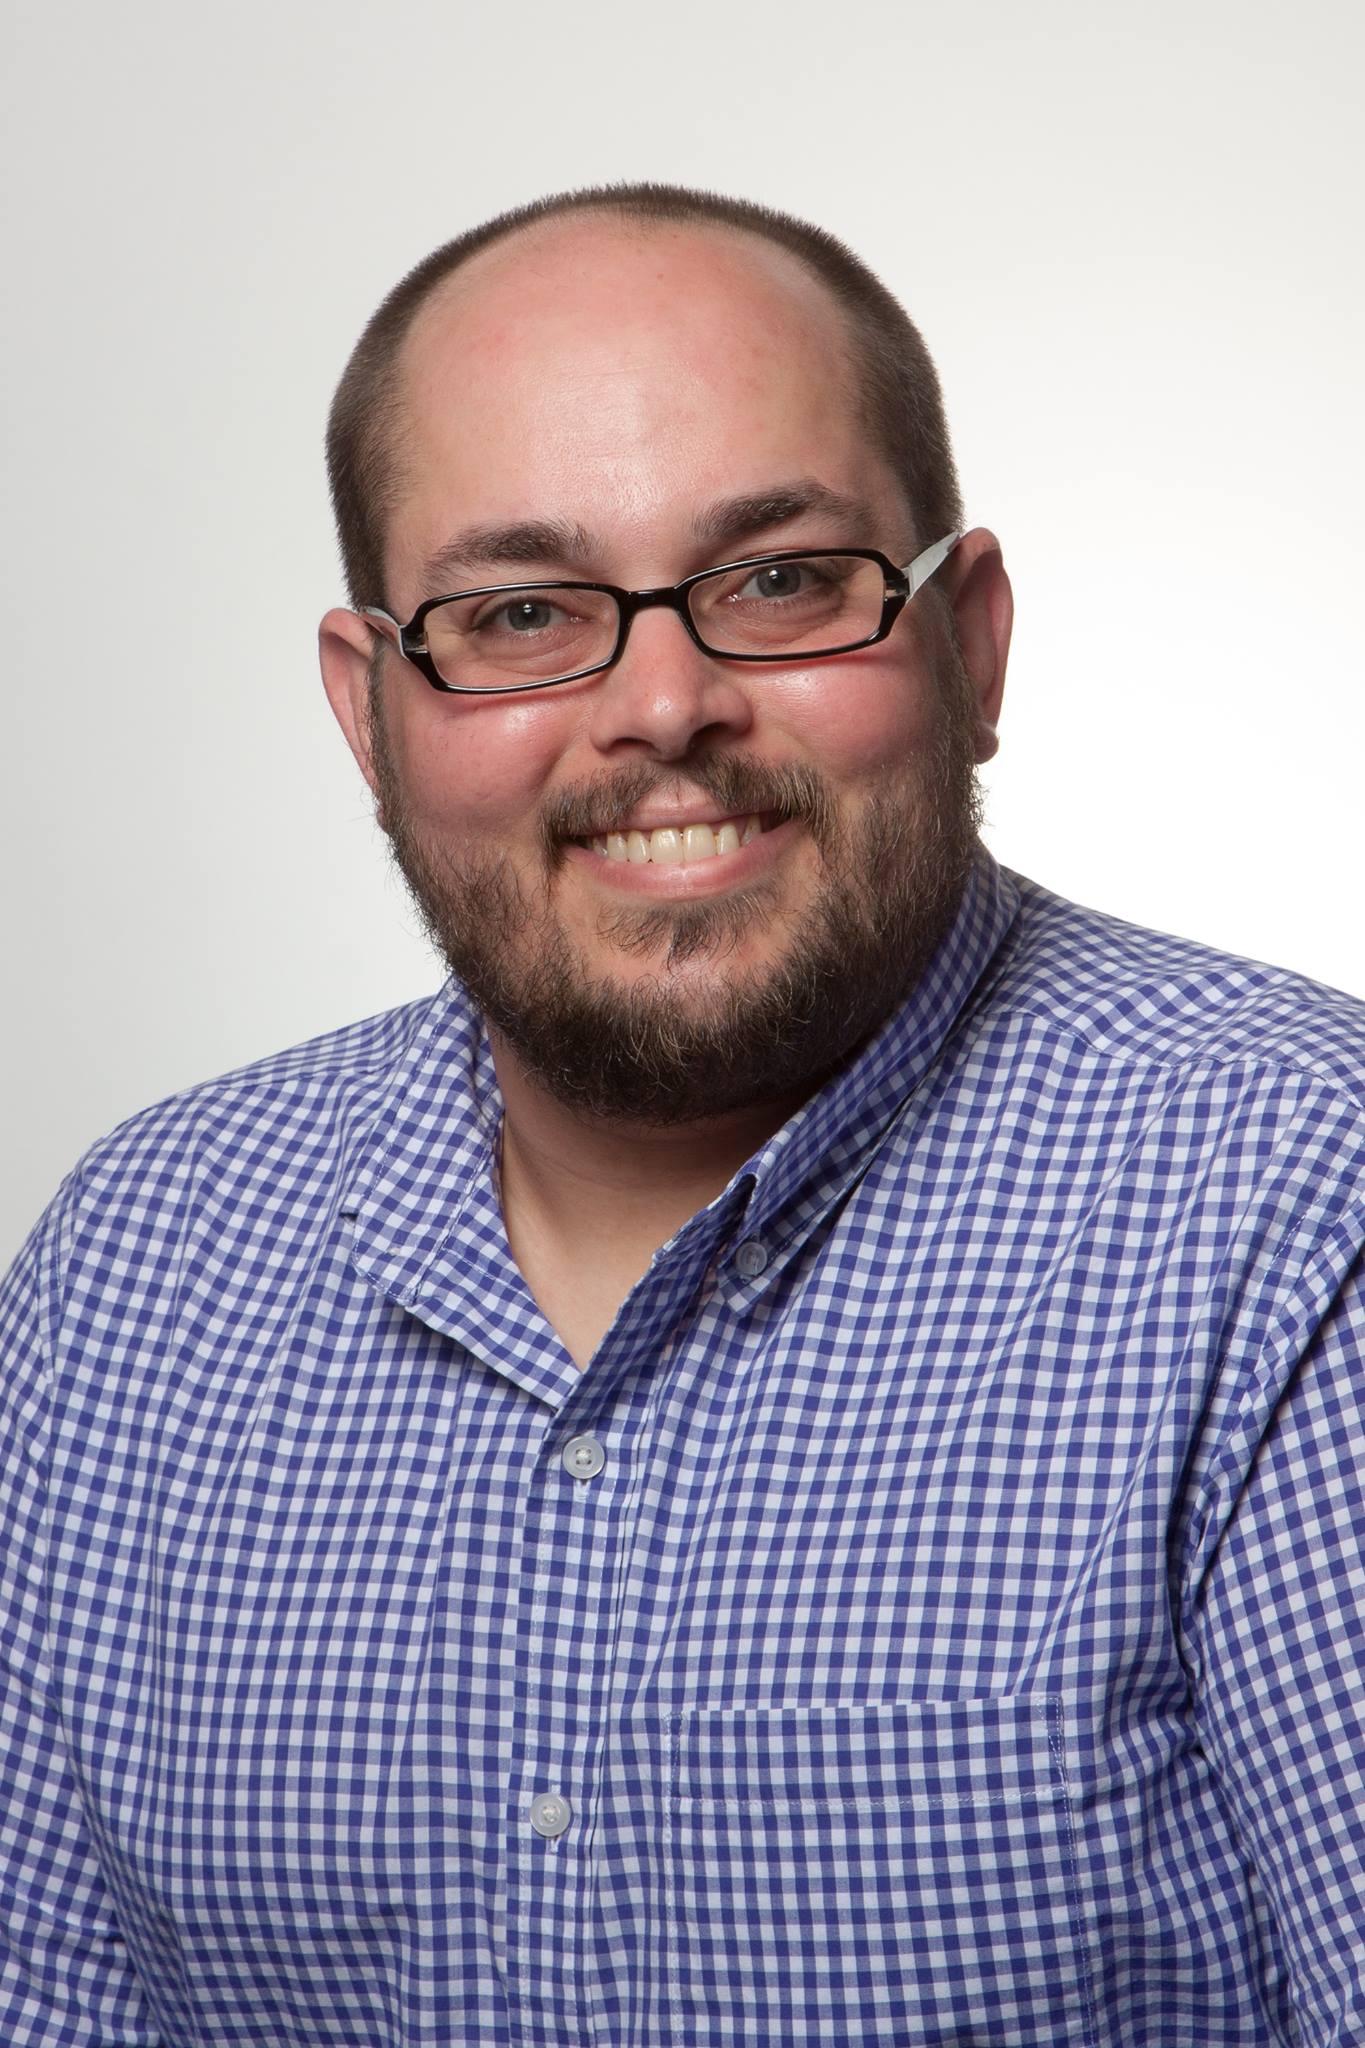 Brett Bittner